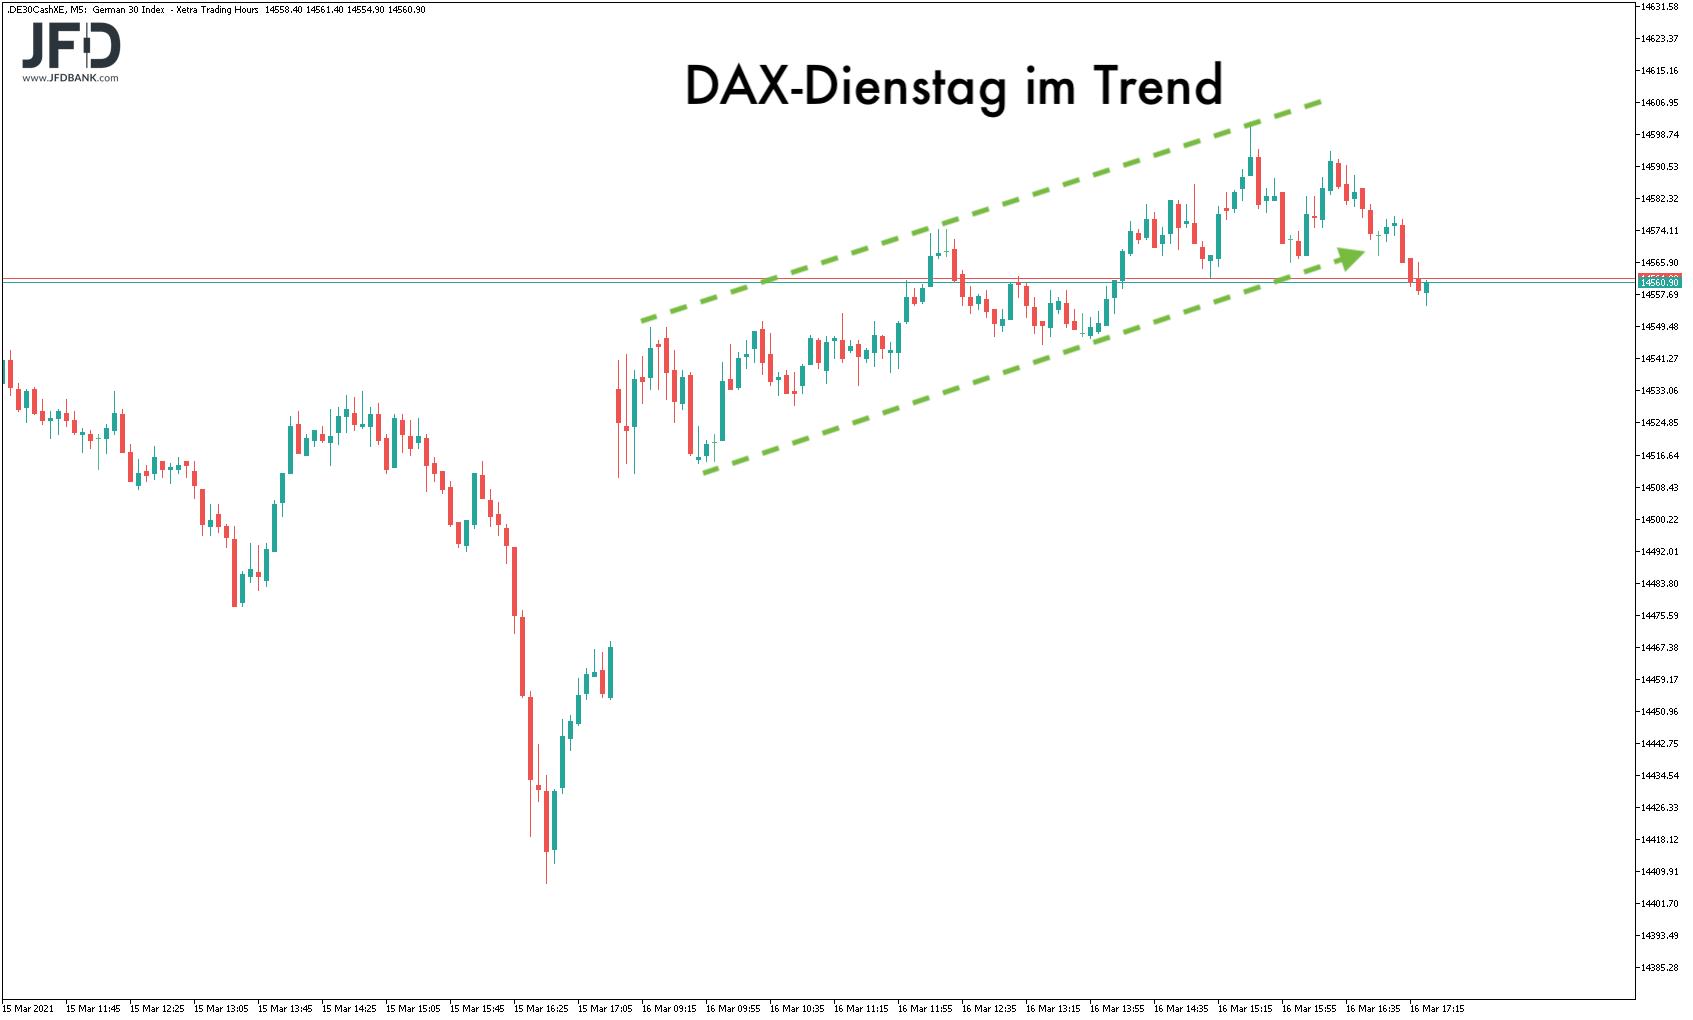 Dienstagshandel im DAX im Trend